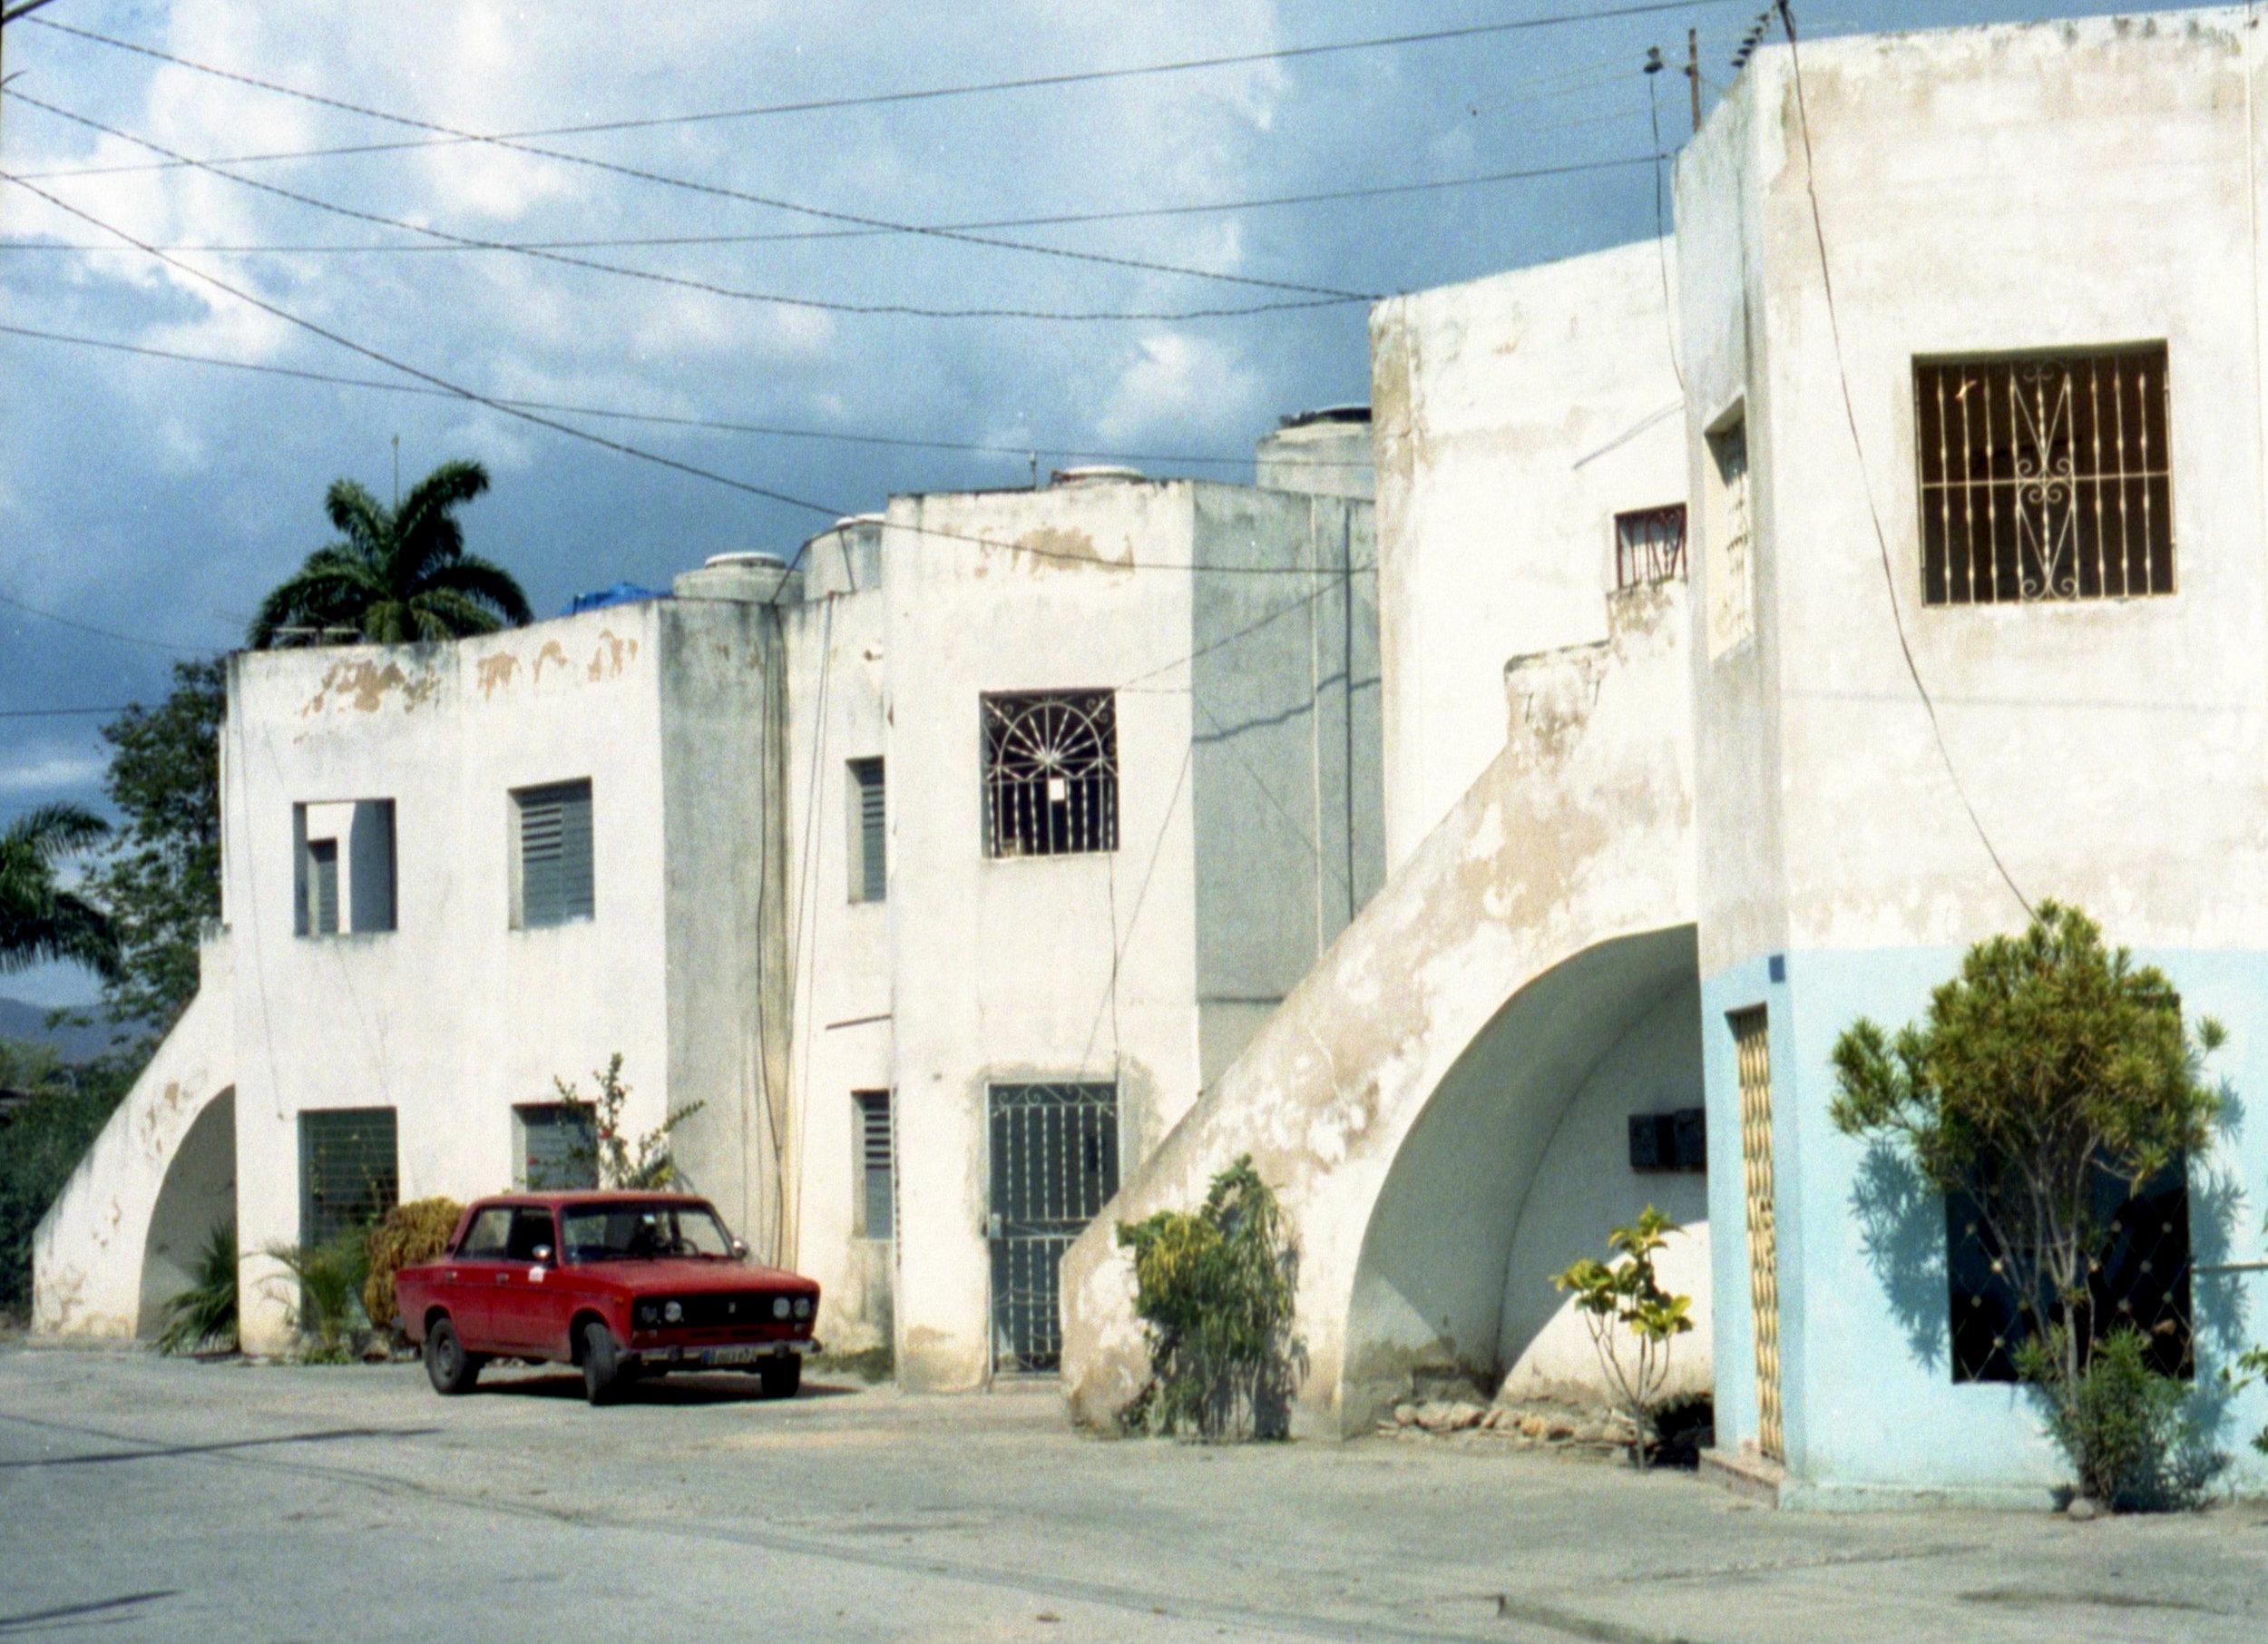 44 - Marija Vidovic, Cuba.jpg